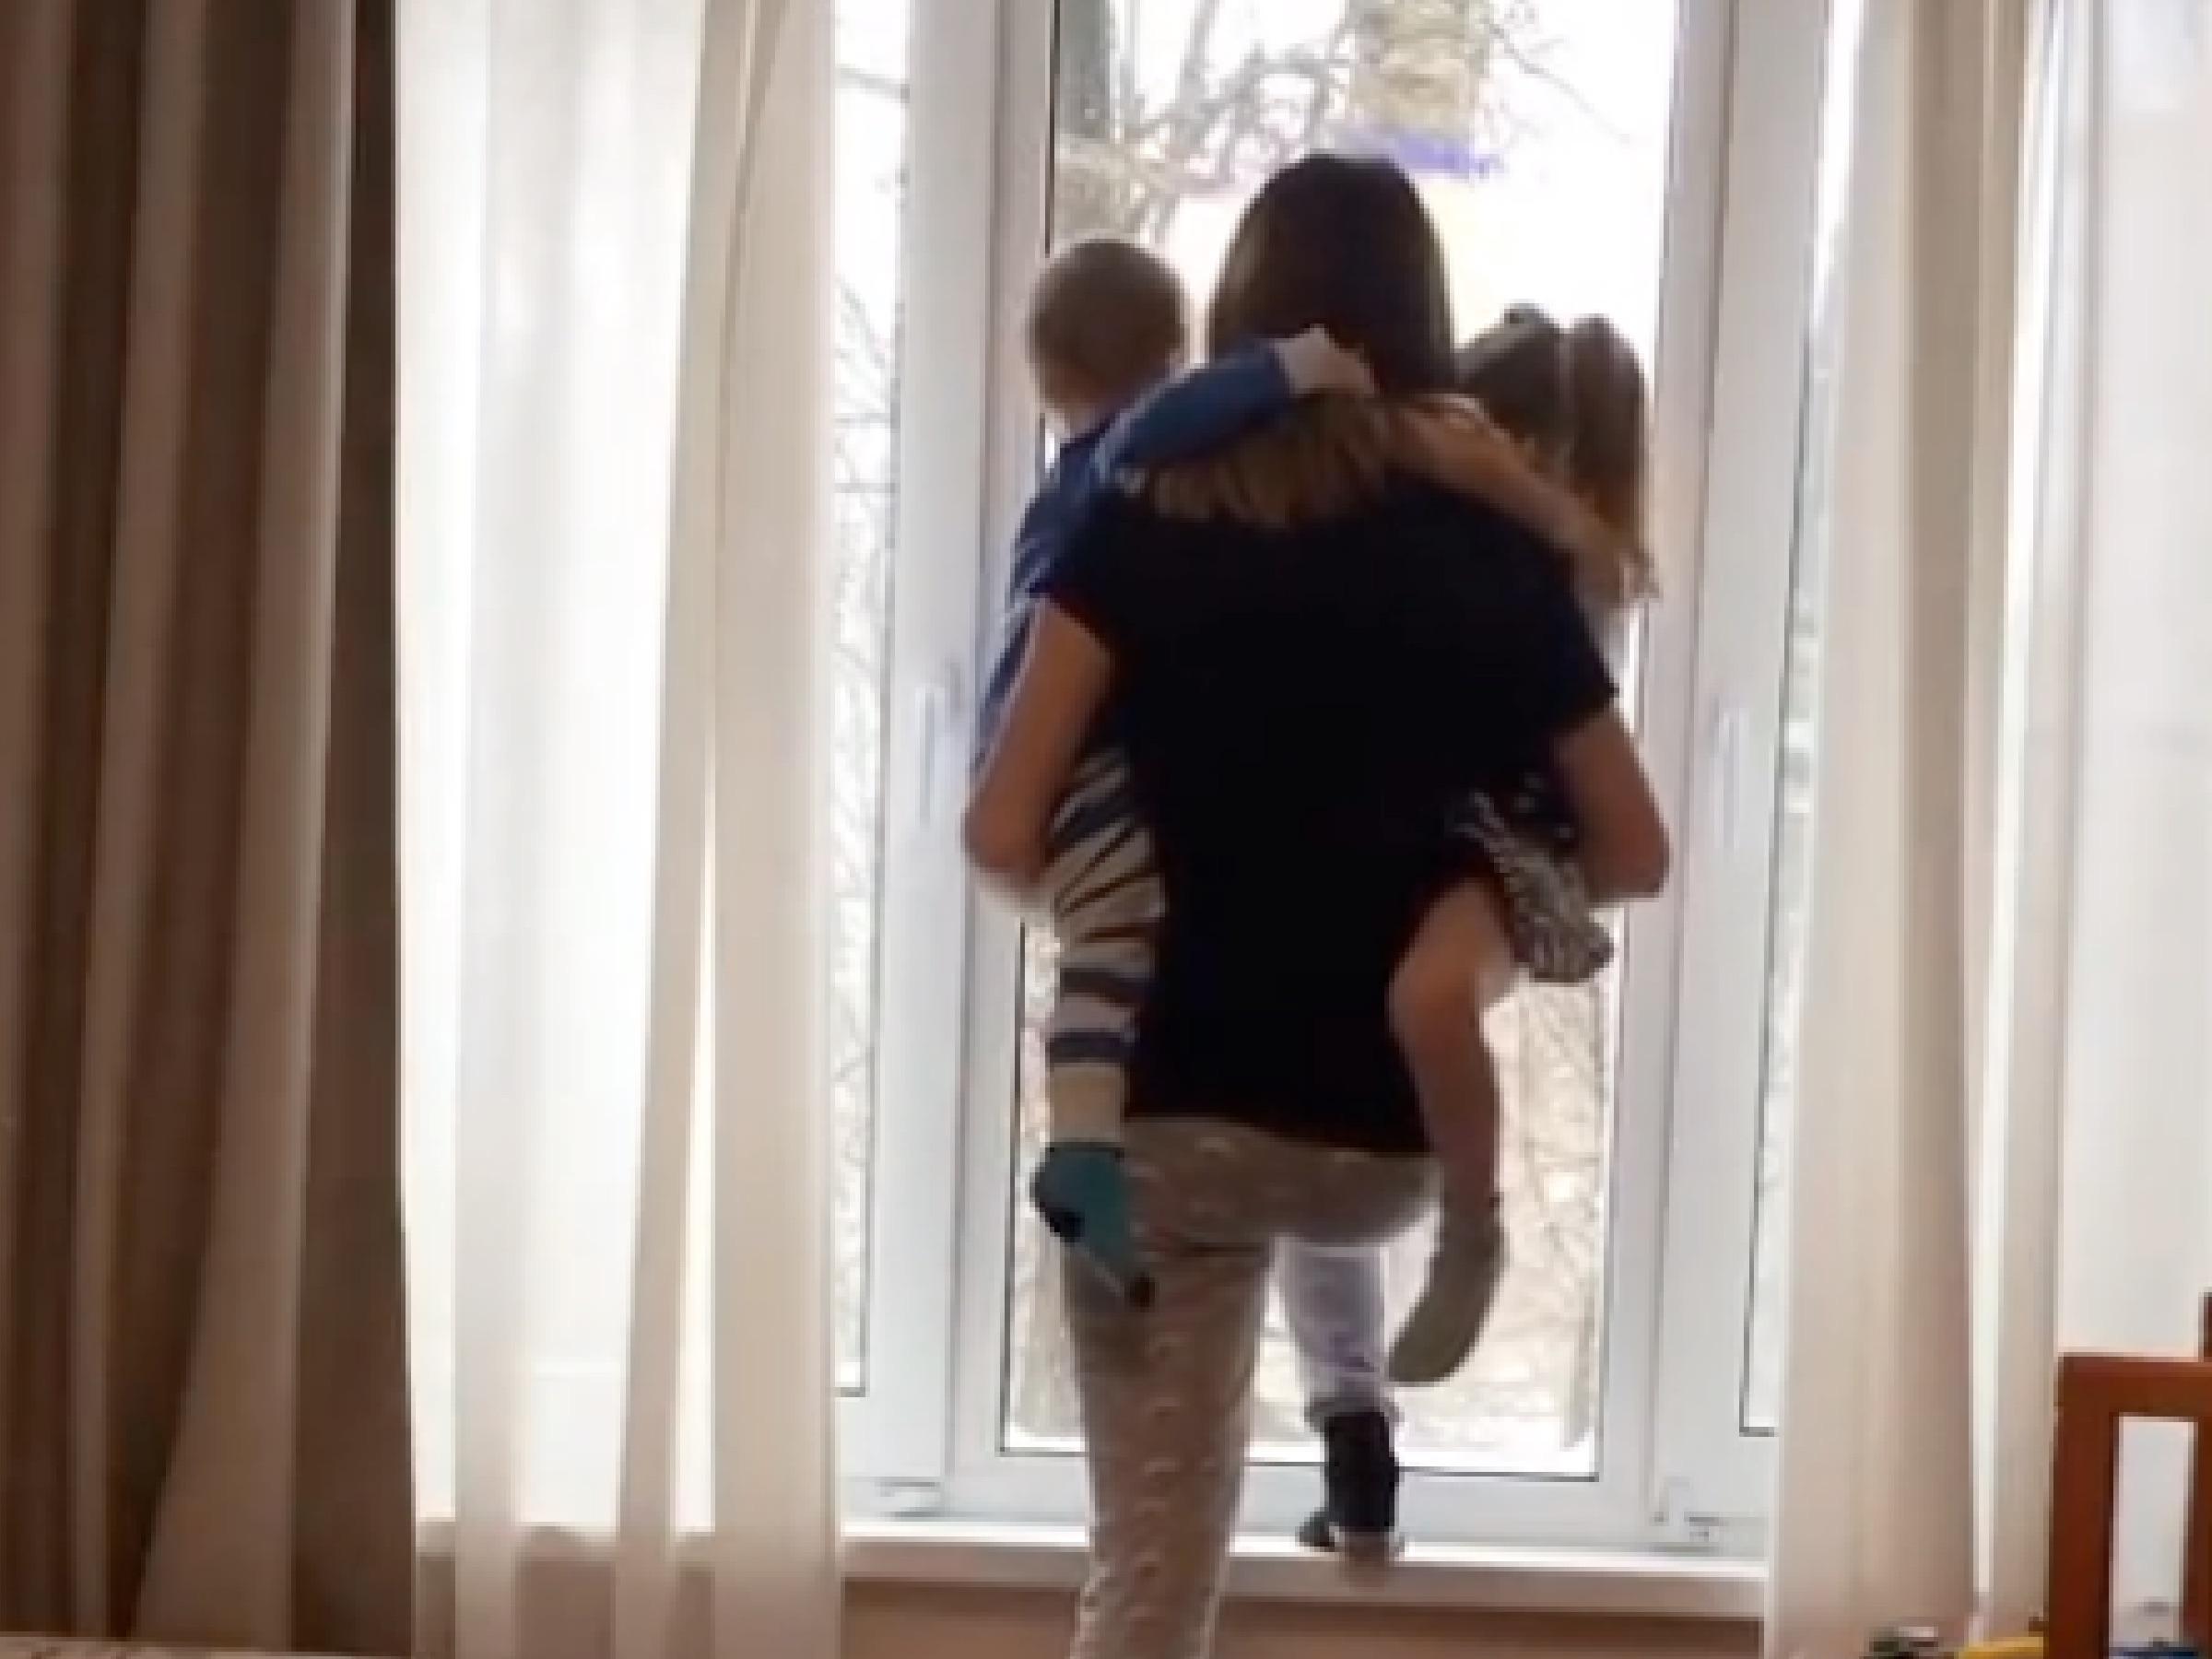 «Хочу умереть»: Екатерина Диденко шагнула в окно с детьми